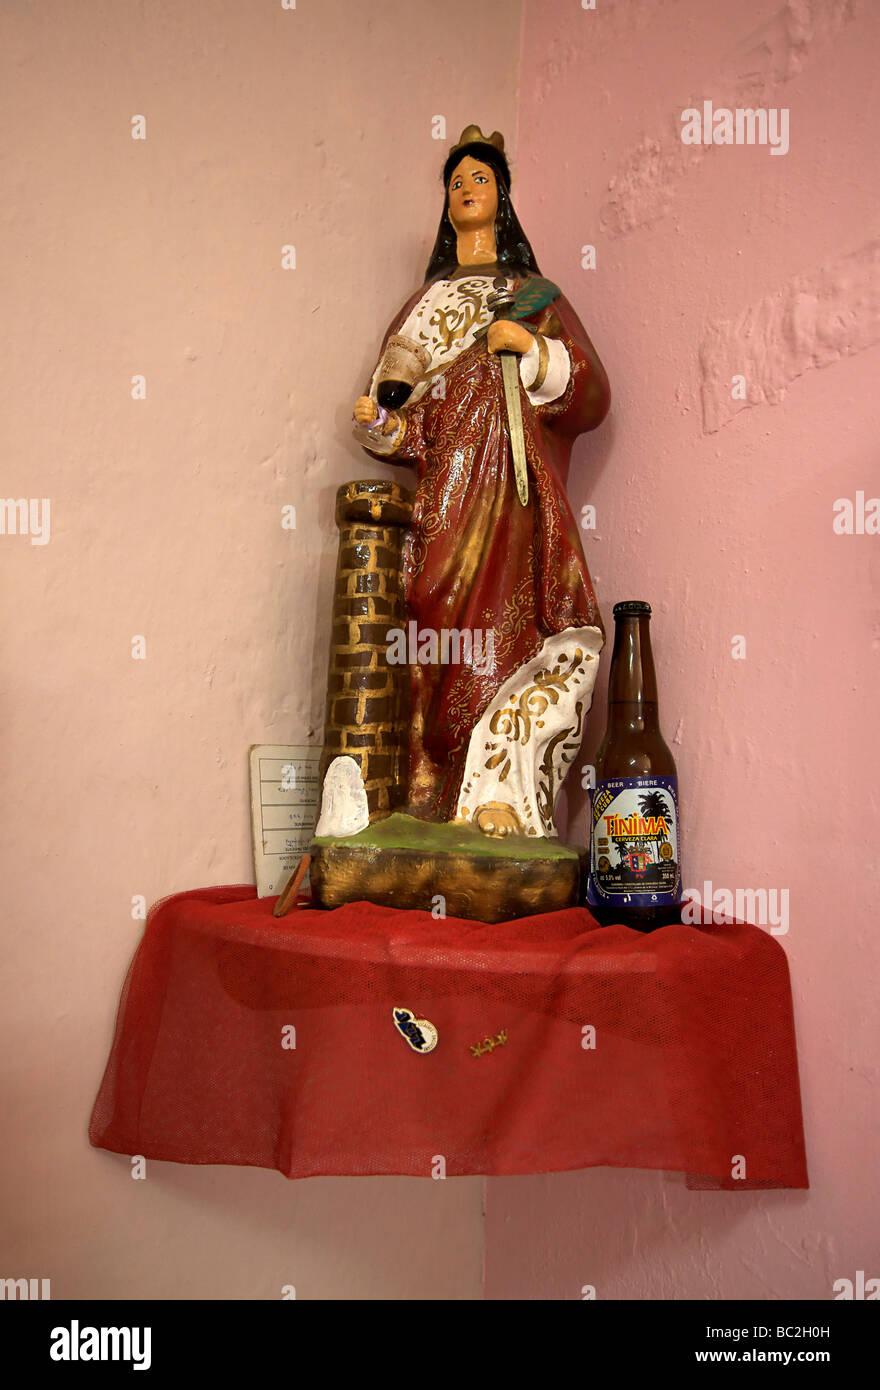 Statue of Santa Barbara, revered in the religion of Santeria. Home altar, Havana, Cuba - Stock Image